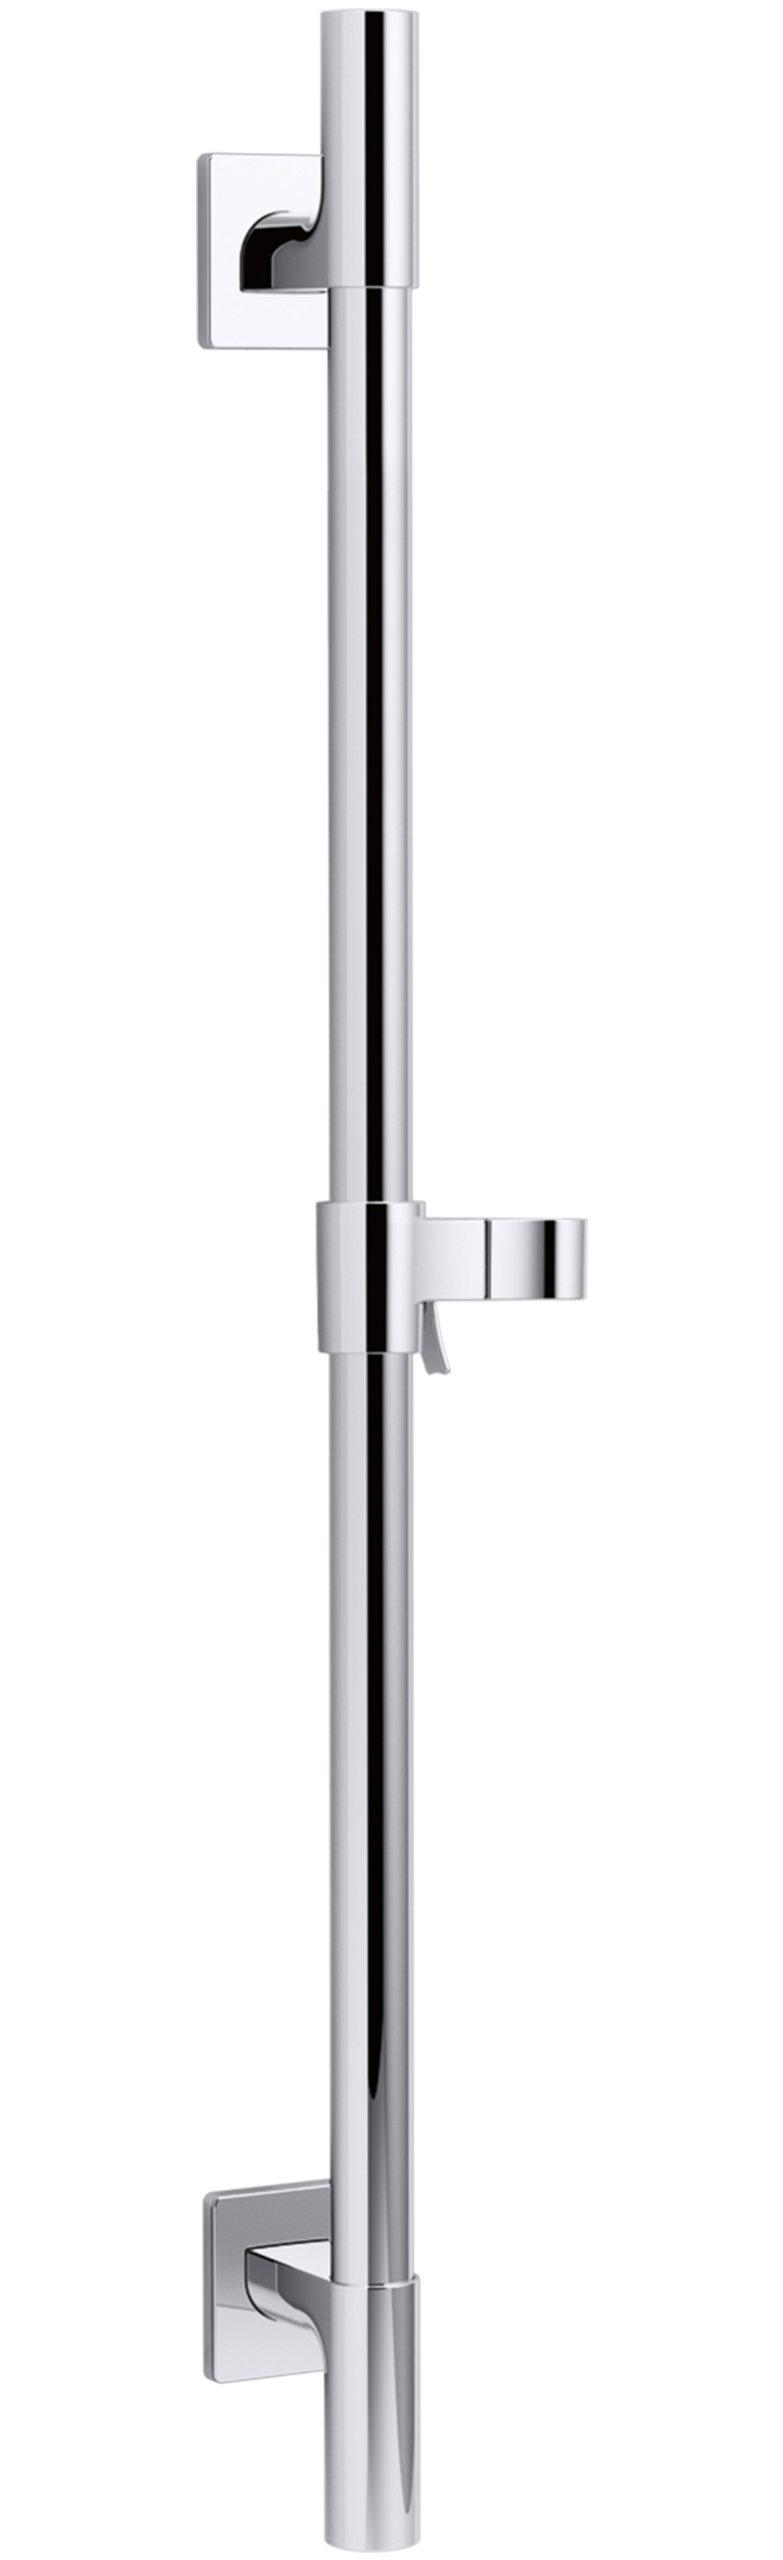 KOHLER K-98342-CP Awaken Deluxe 24-Inch Slide Bar, Polished Chrome